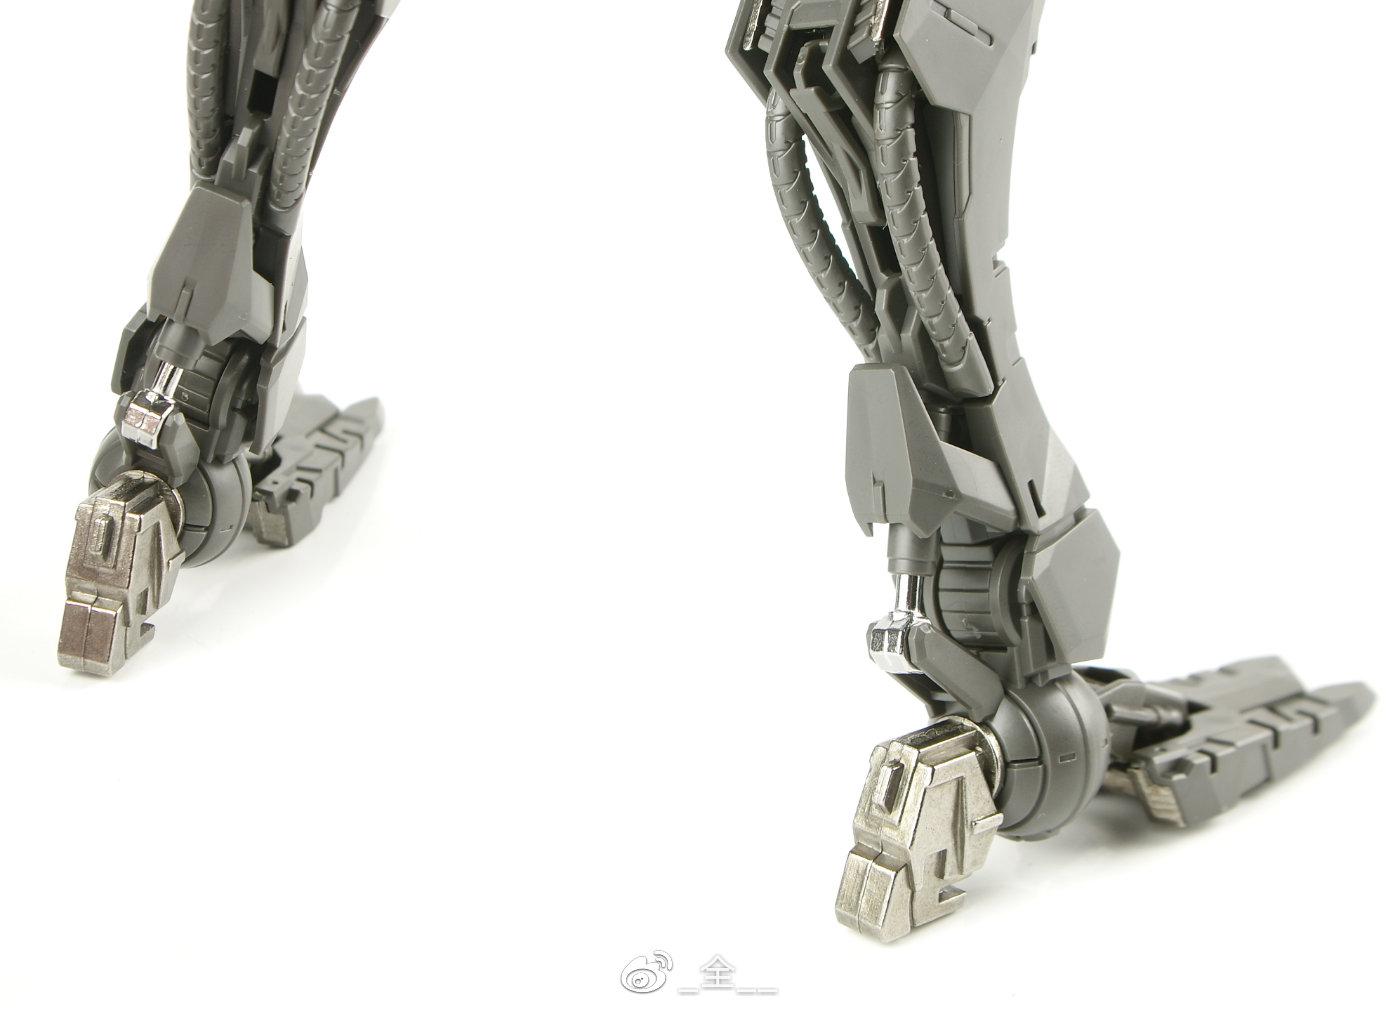 M103_mg_barbatos_metal_frame_parts_set_009_039.jpg